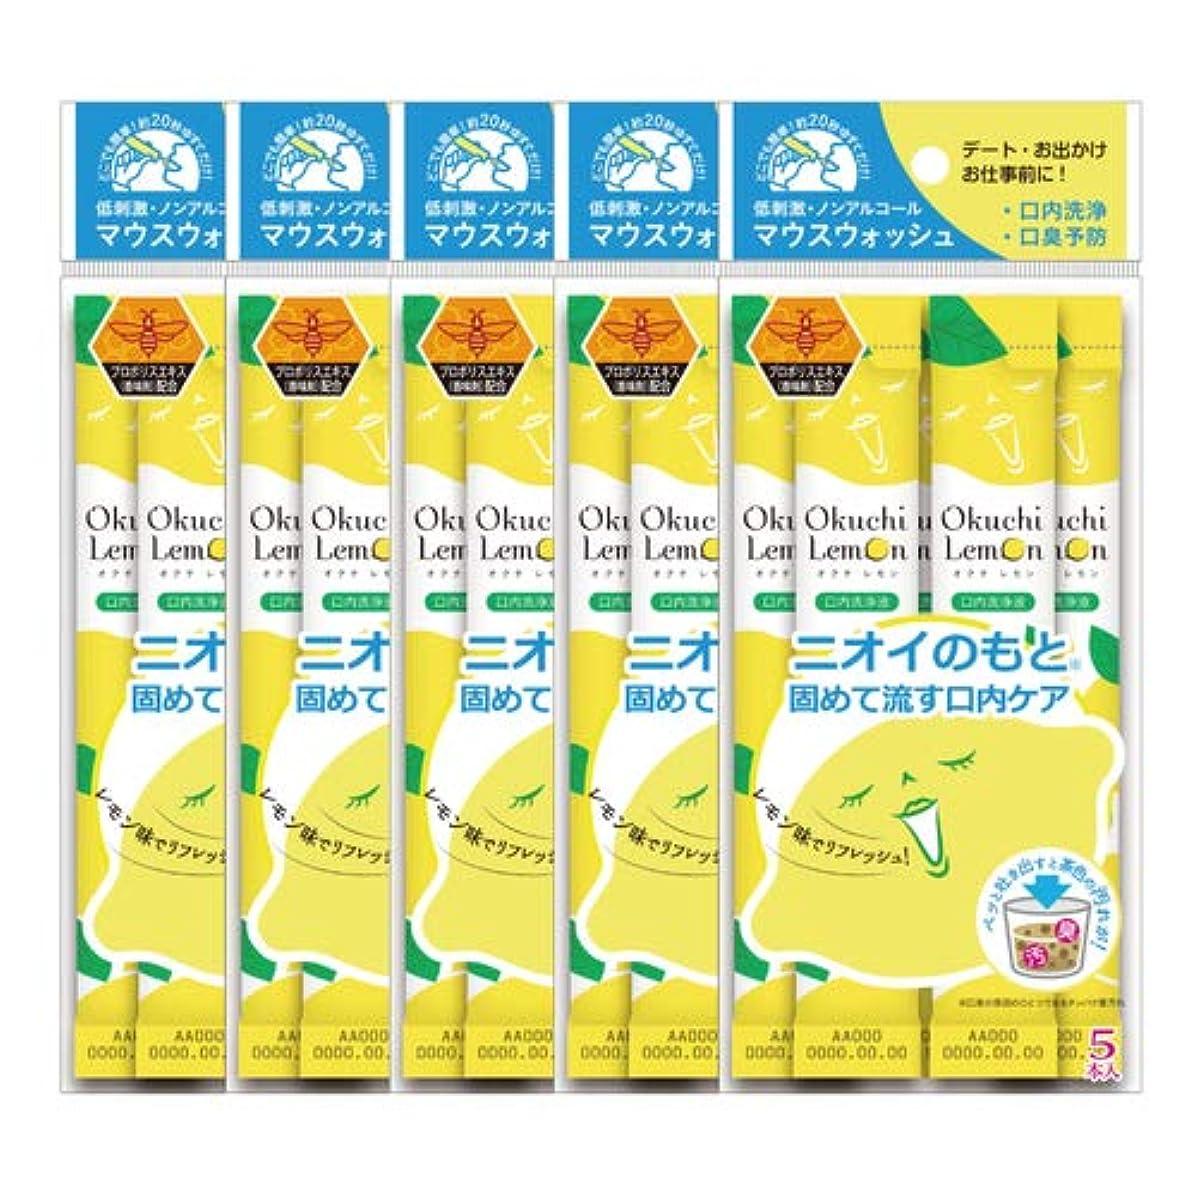 ロープコメンテーター一般的な口臭の原因除去マウスウォッシュ オクチレモン 5個セット(5本入り×5個)